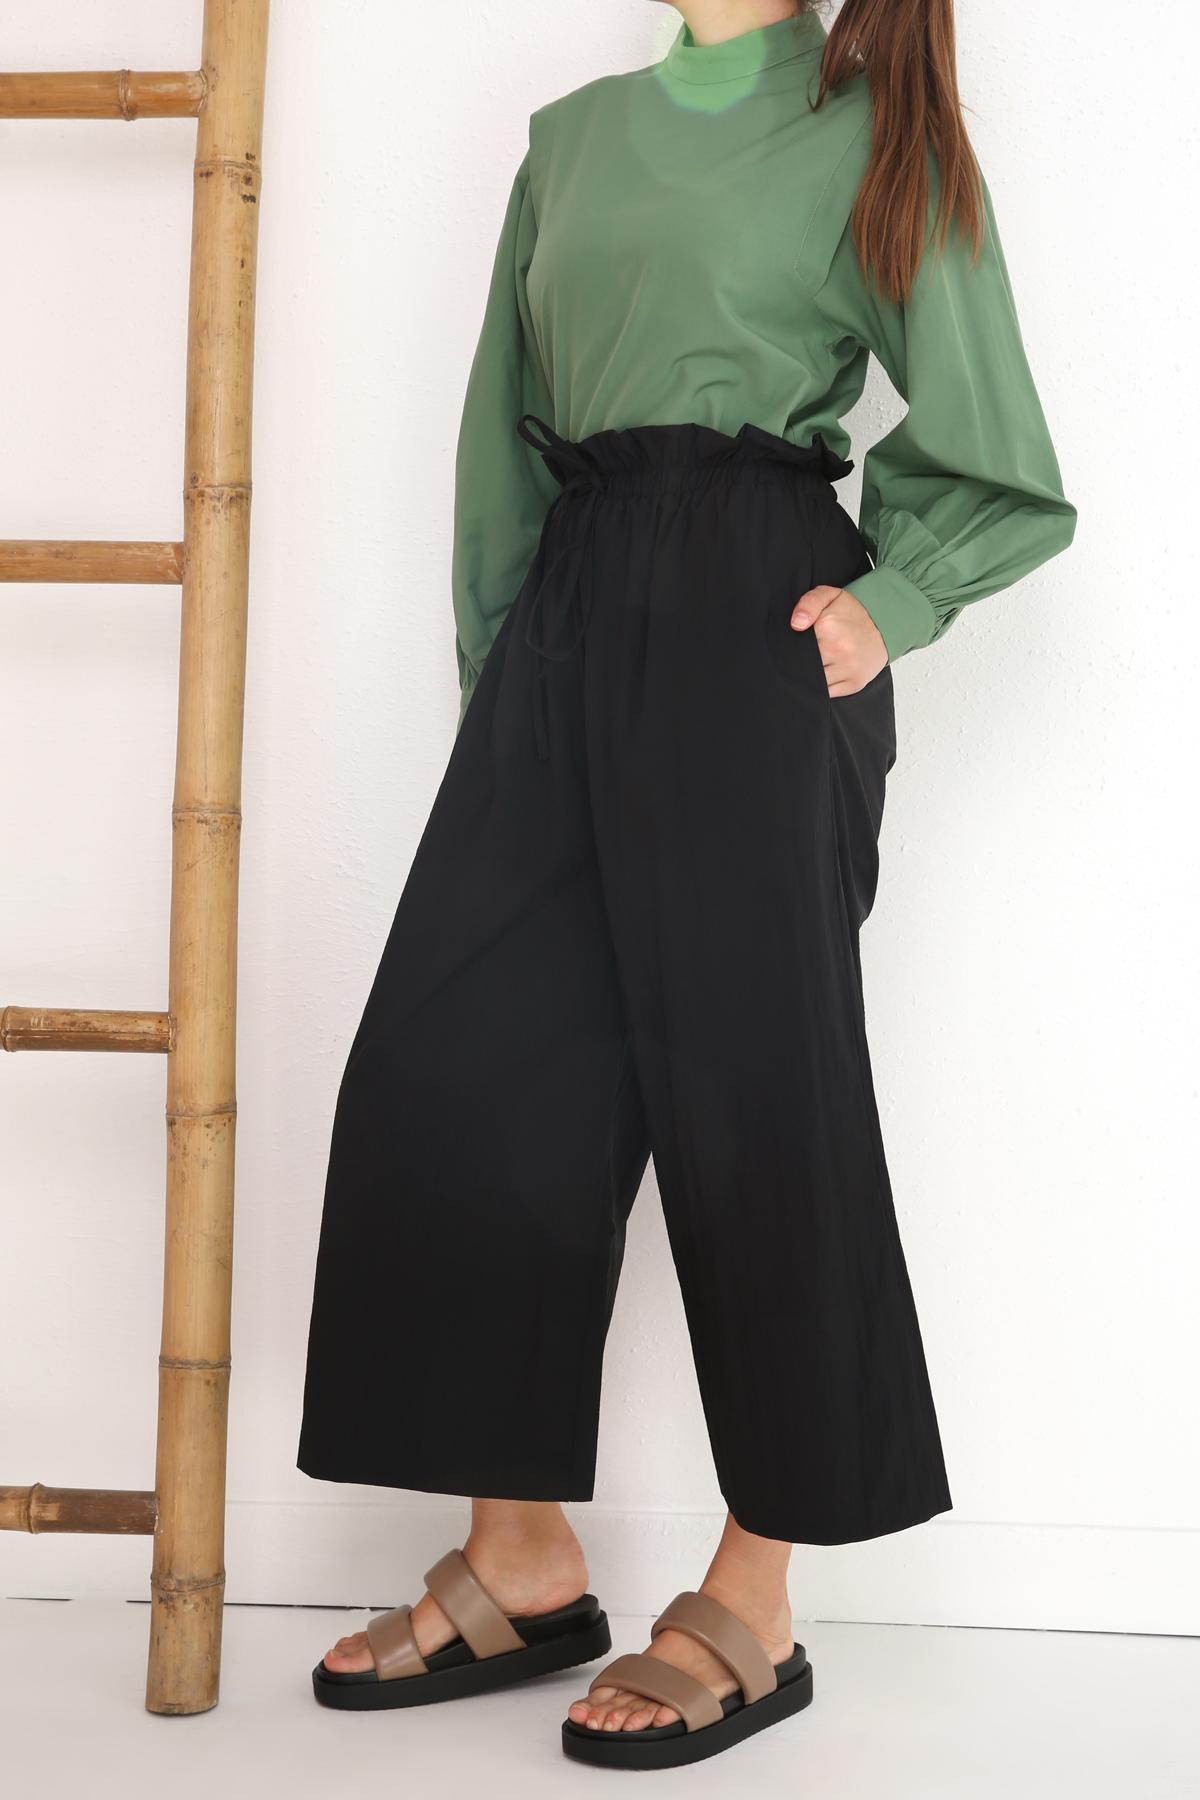 Comfy Elastic Waist Pockets Pants